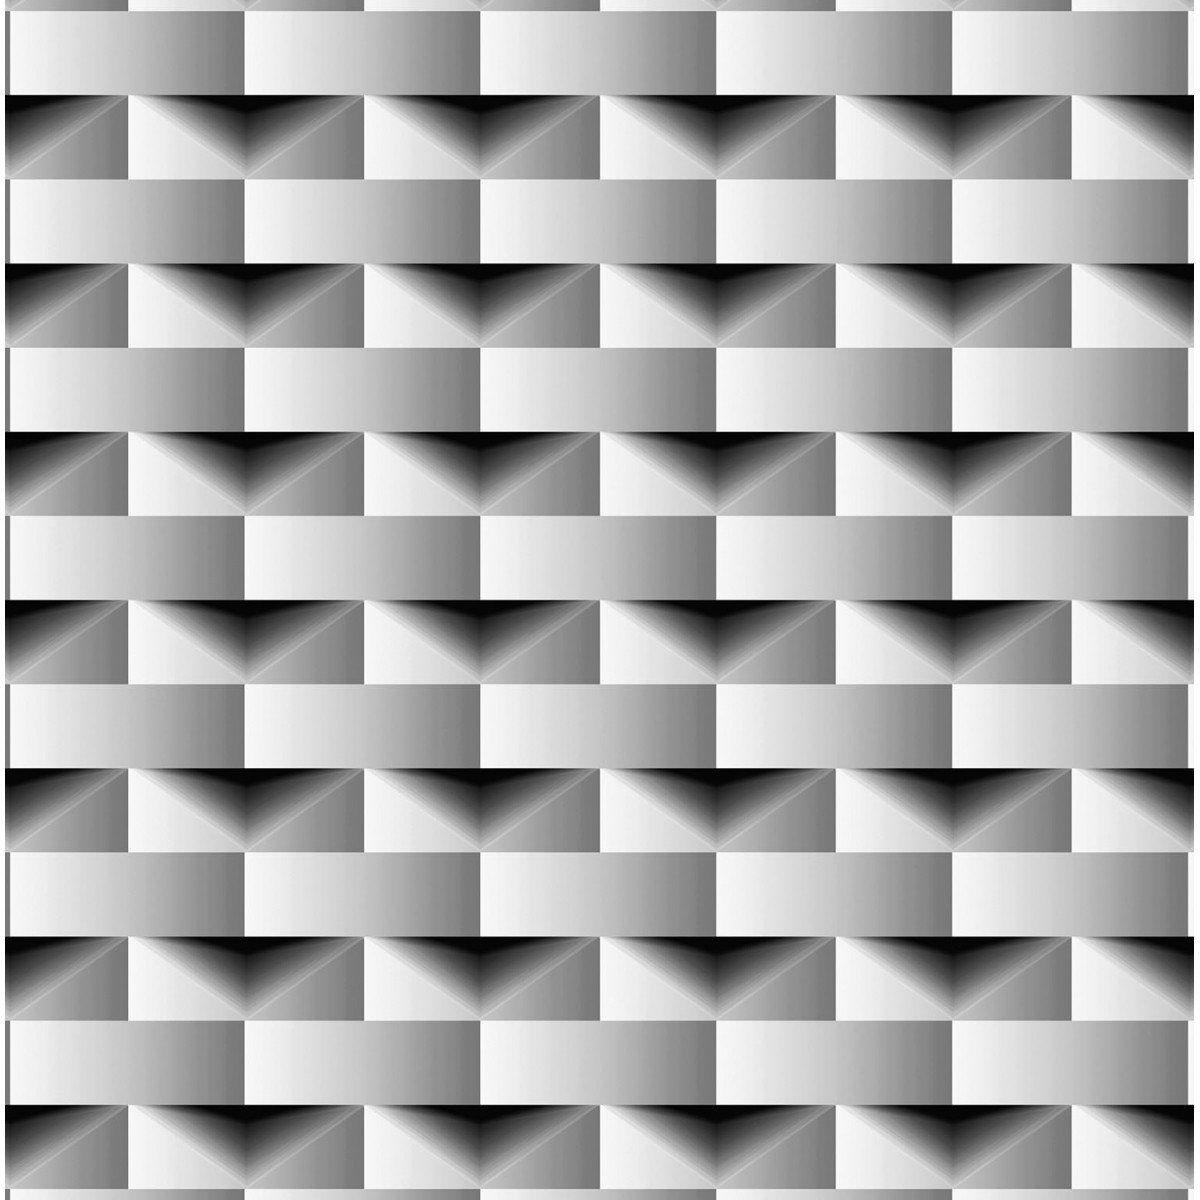 Papel de Parede Bobinex Coleção Dimensões Retângulo Preto L01 4703 - Lyam Decor